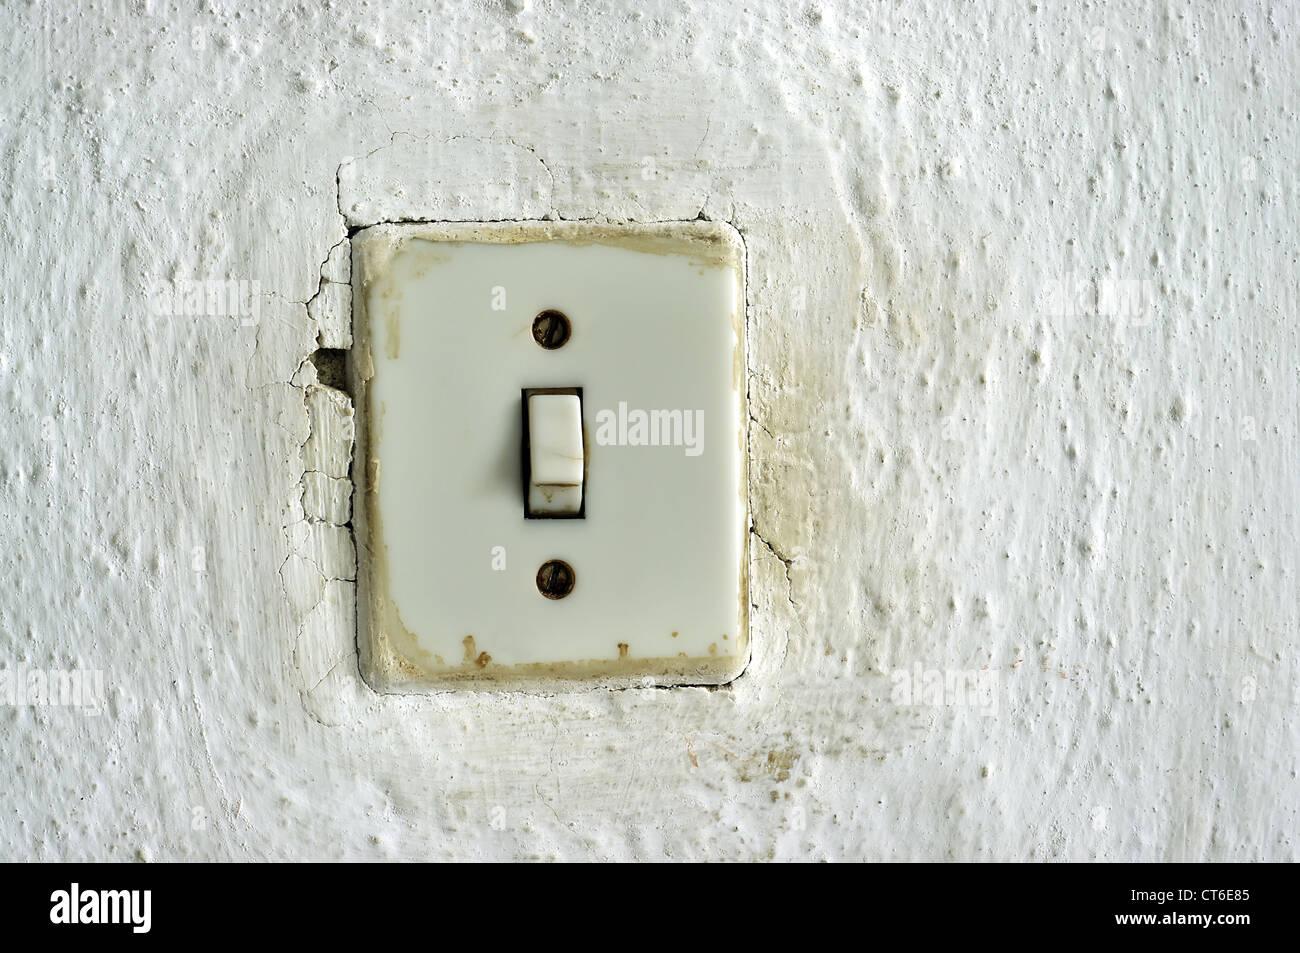 traditionelle alte Lichtschalter an der Wand Stockfoto, Bild ...